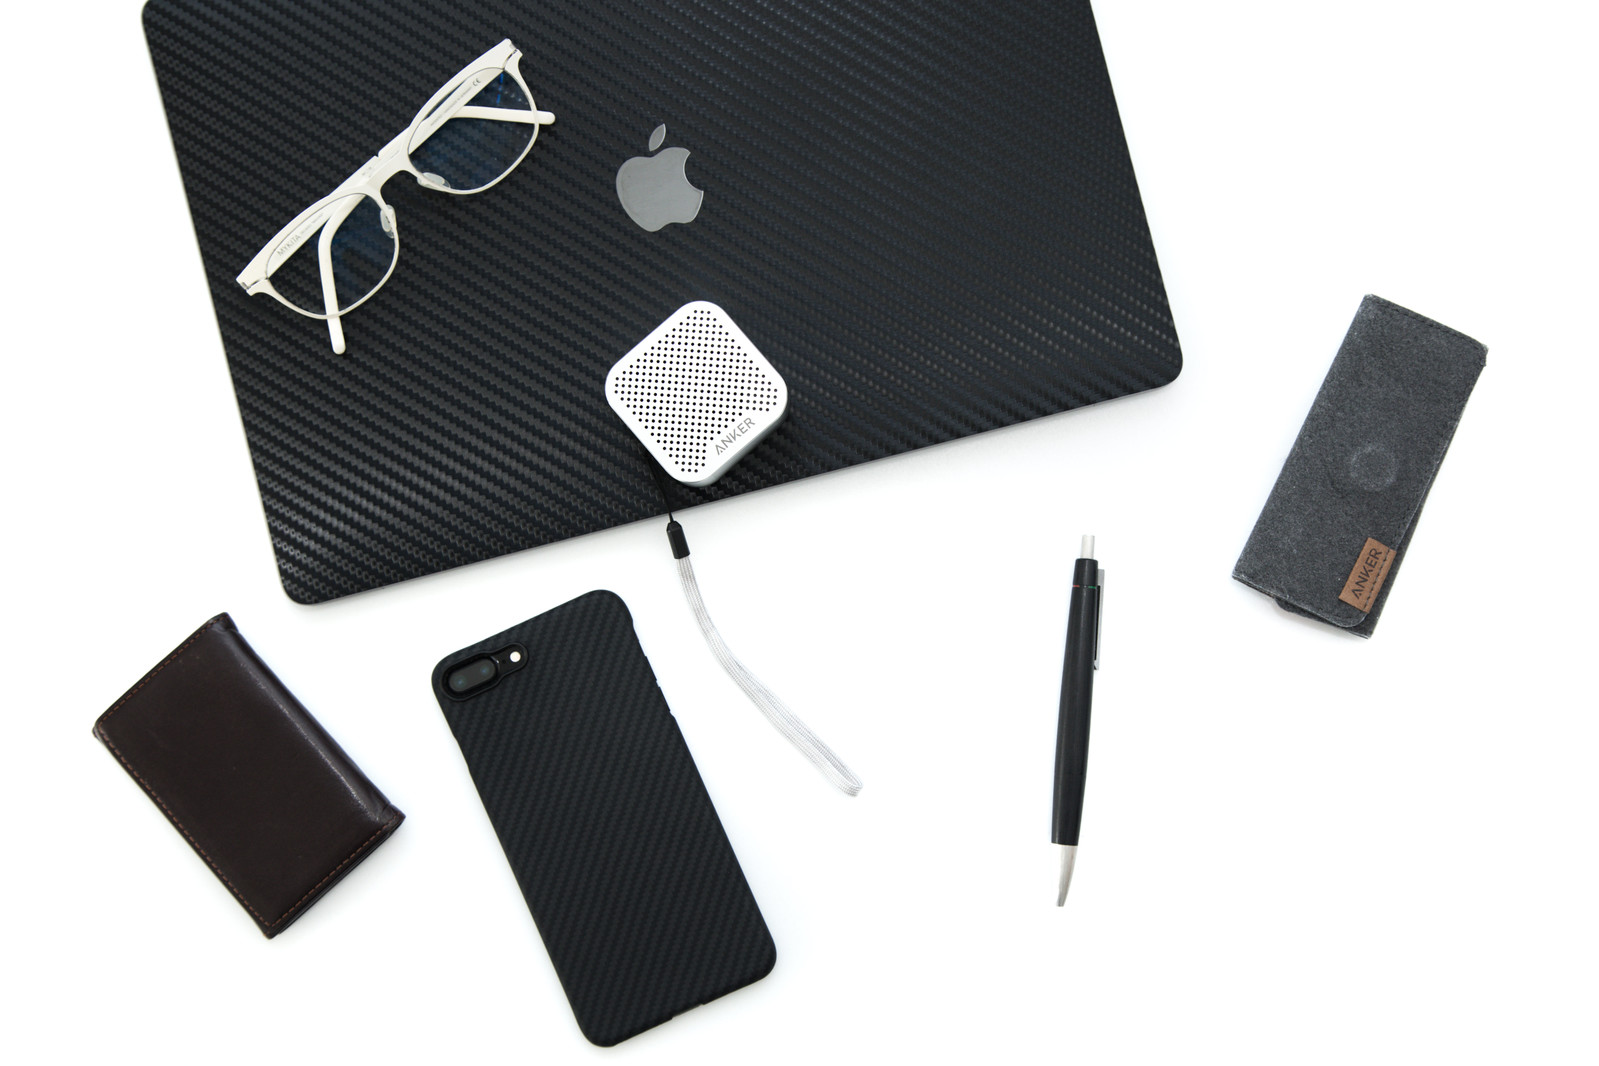 「白メガネとガジェット製品(スマートフォンなど)白メガネとガジェット製品(スマートフォンなど)」のフリー写真素材を拡大